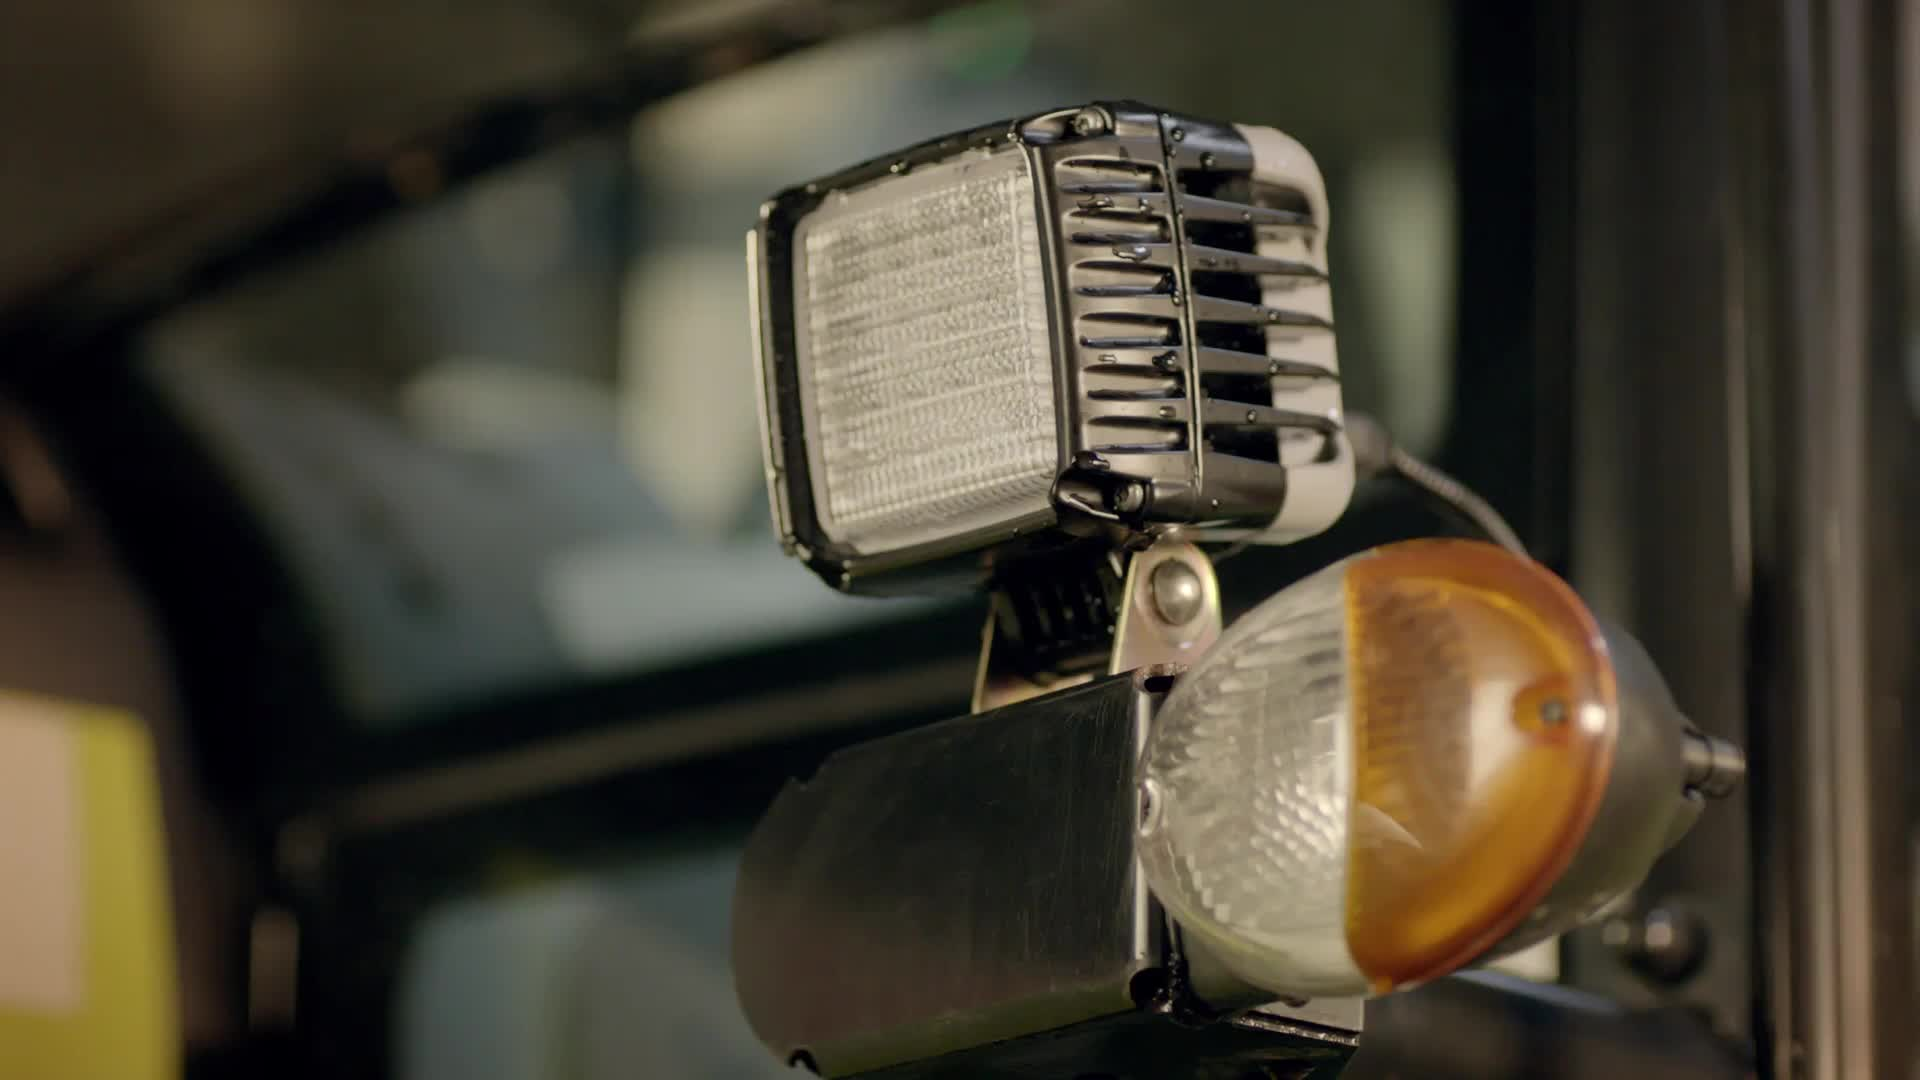 Hella 1ga 995 506 011 Arbeitsscheinwerfer Ultra Beam Led 12v 24v 2000lm Anbau Hängend Nahfeldausleuchtung Deutsch Auto